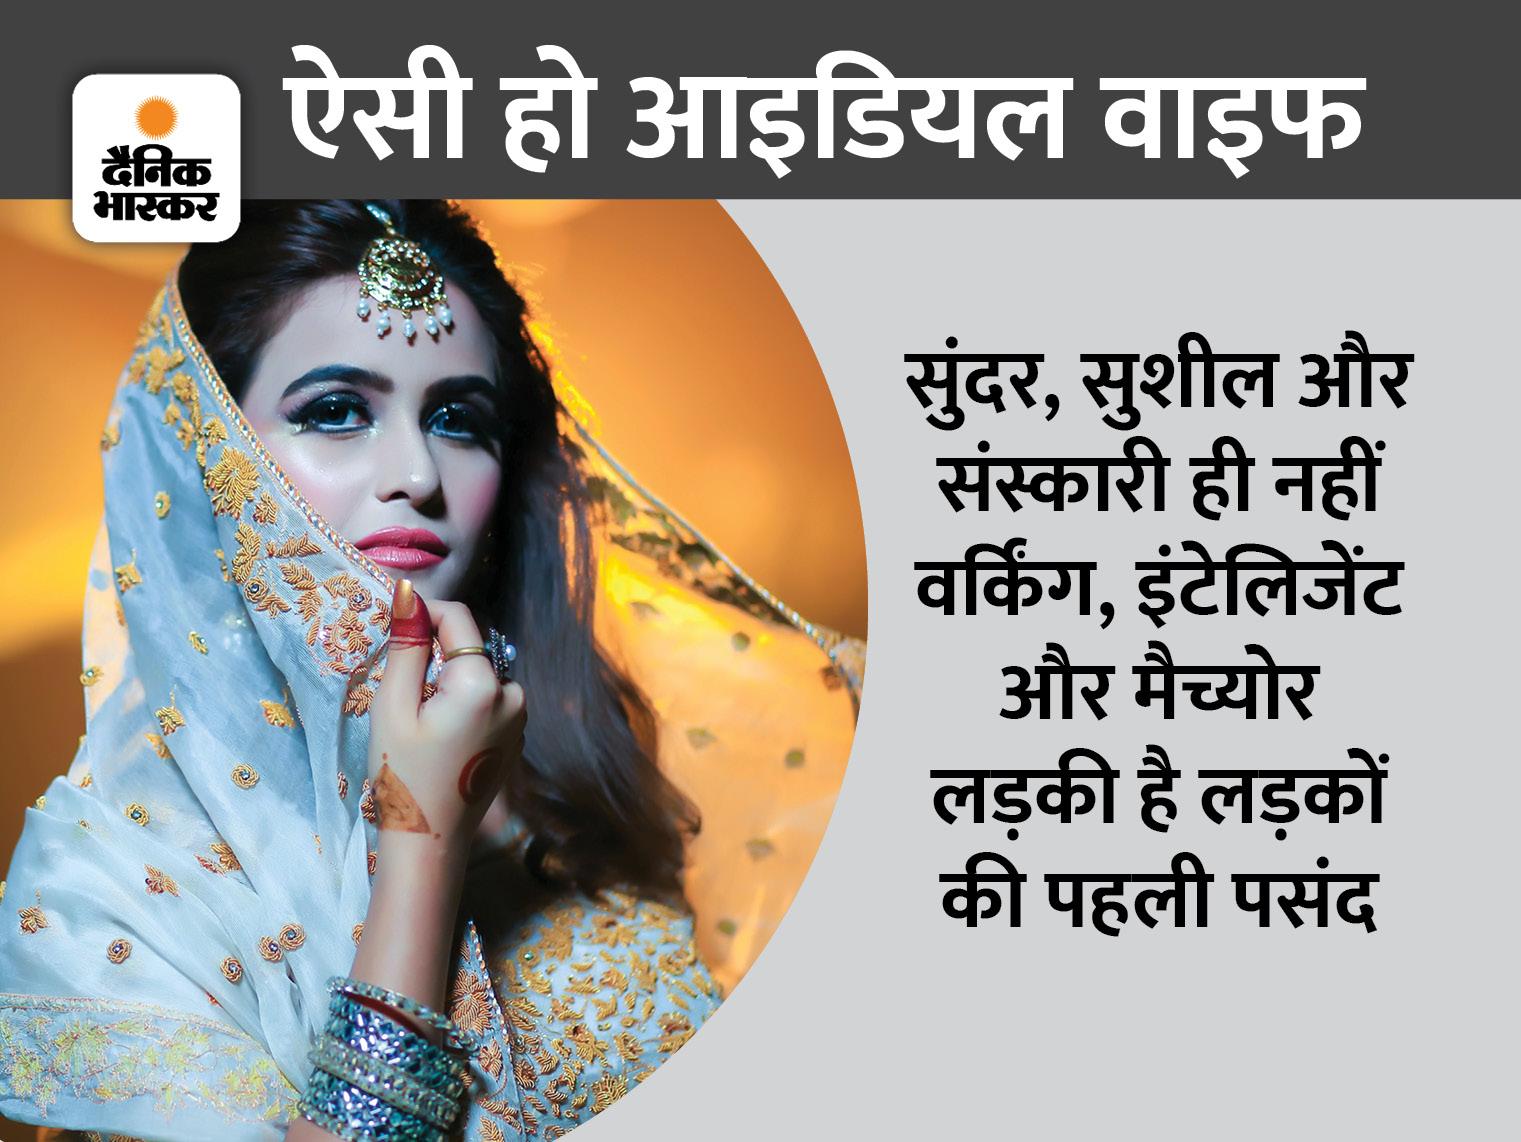 सिर्फ सुंदर, सुशील और संस्कारी ही नहीं कमाऊ, इंटेलिजेंट और स्पोर्ट्स लविंग लड़की को आइडियल वाइफ मानते हैं लड़के|वुमन,Women - Dainik Bhaskar